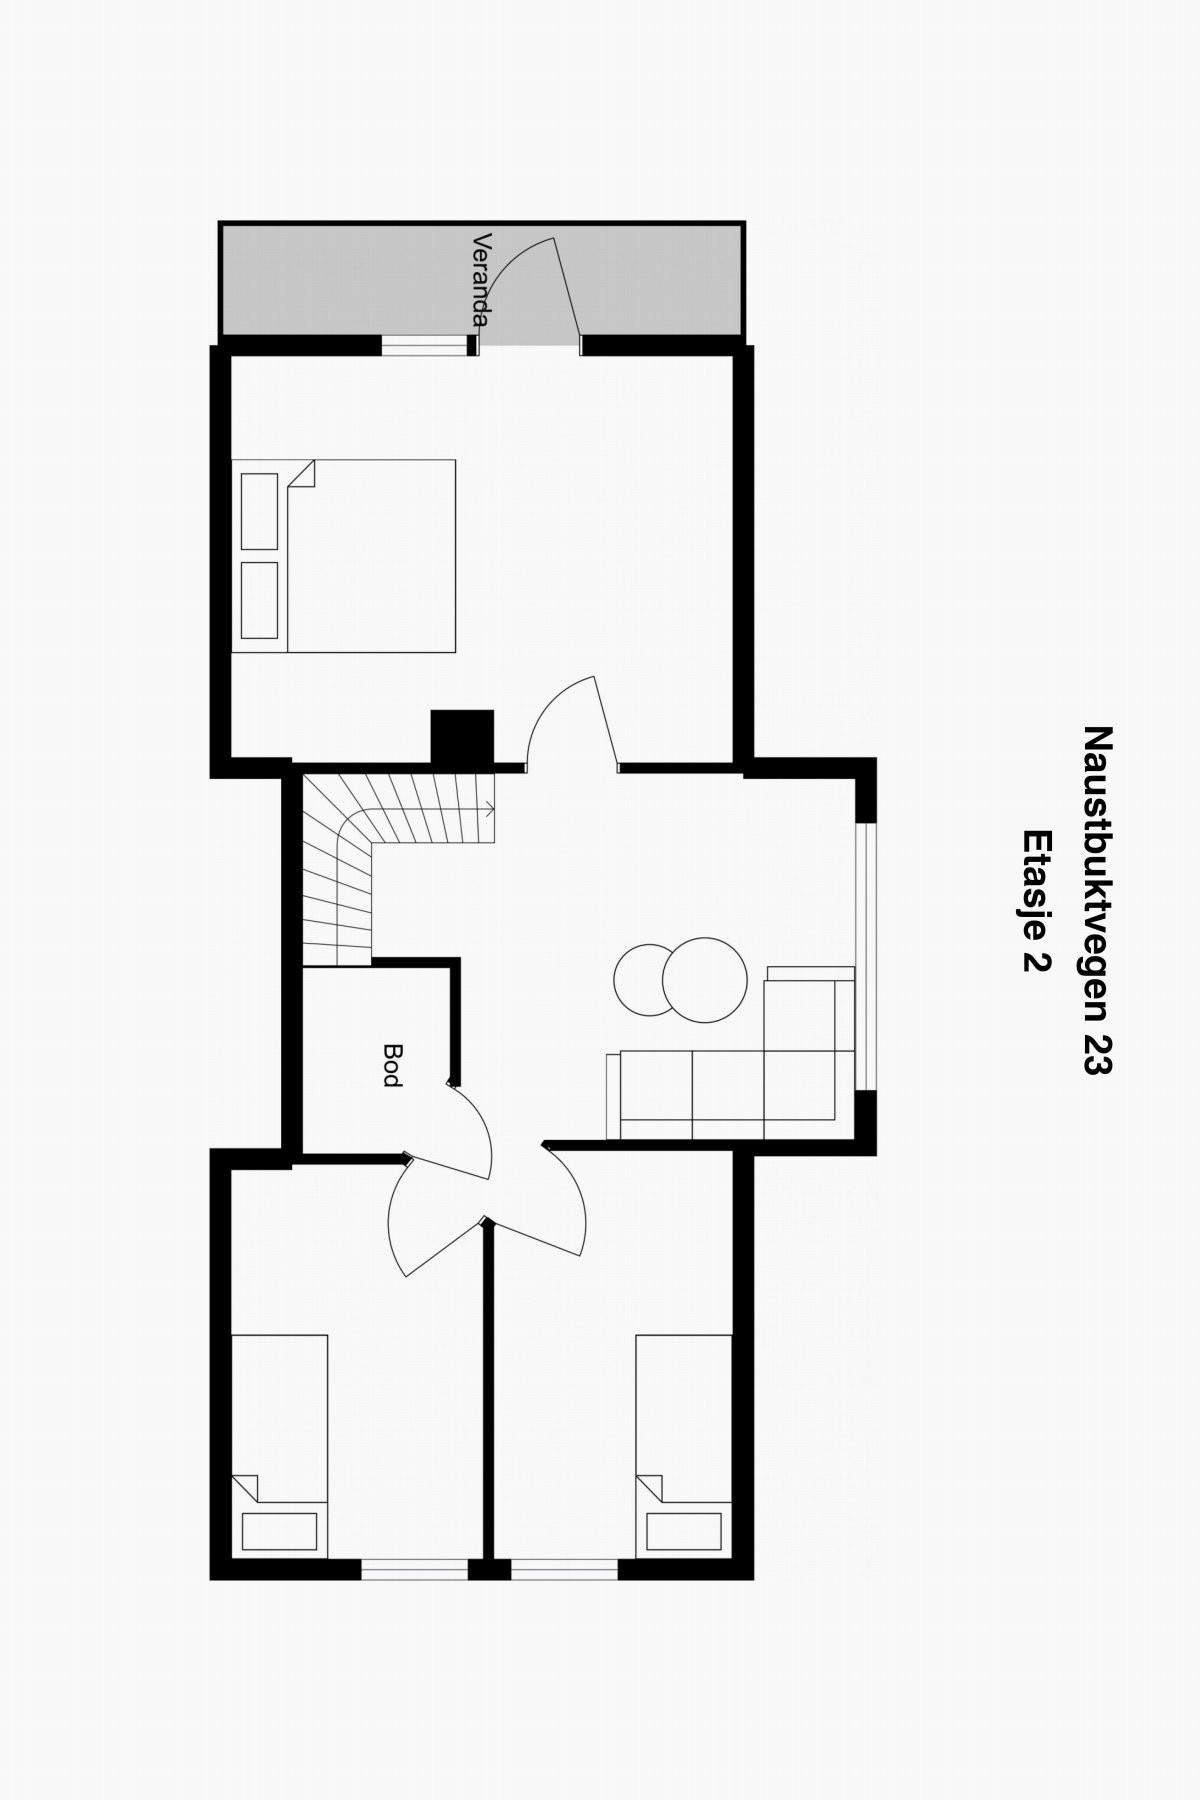 Planskisse etasje. 2